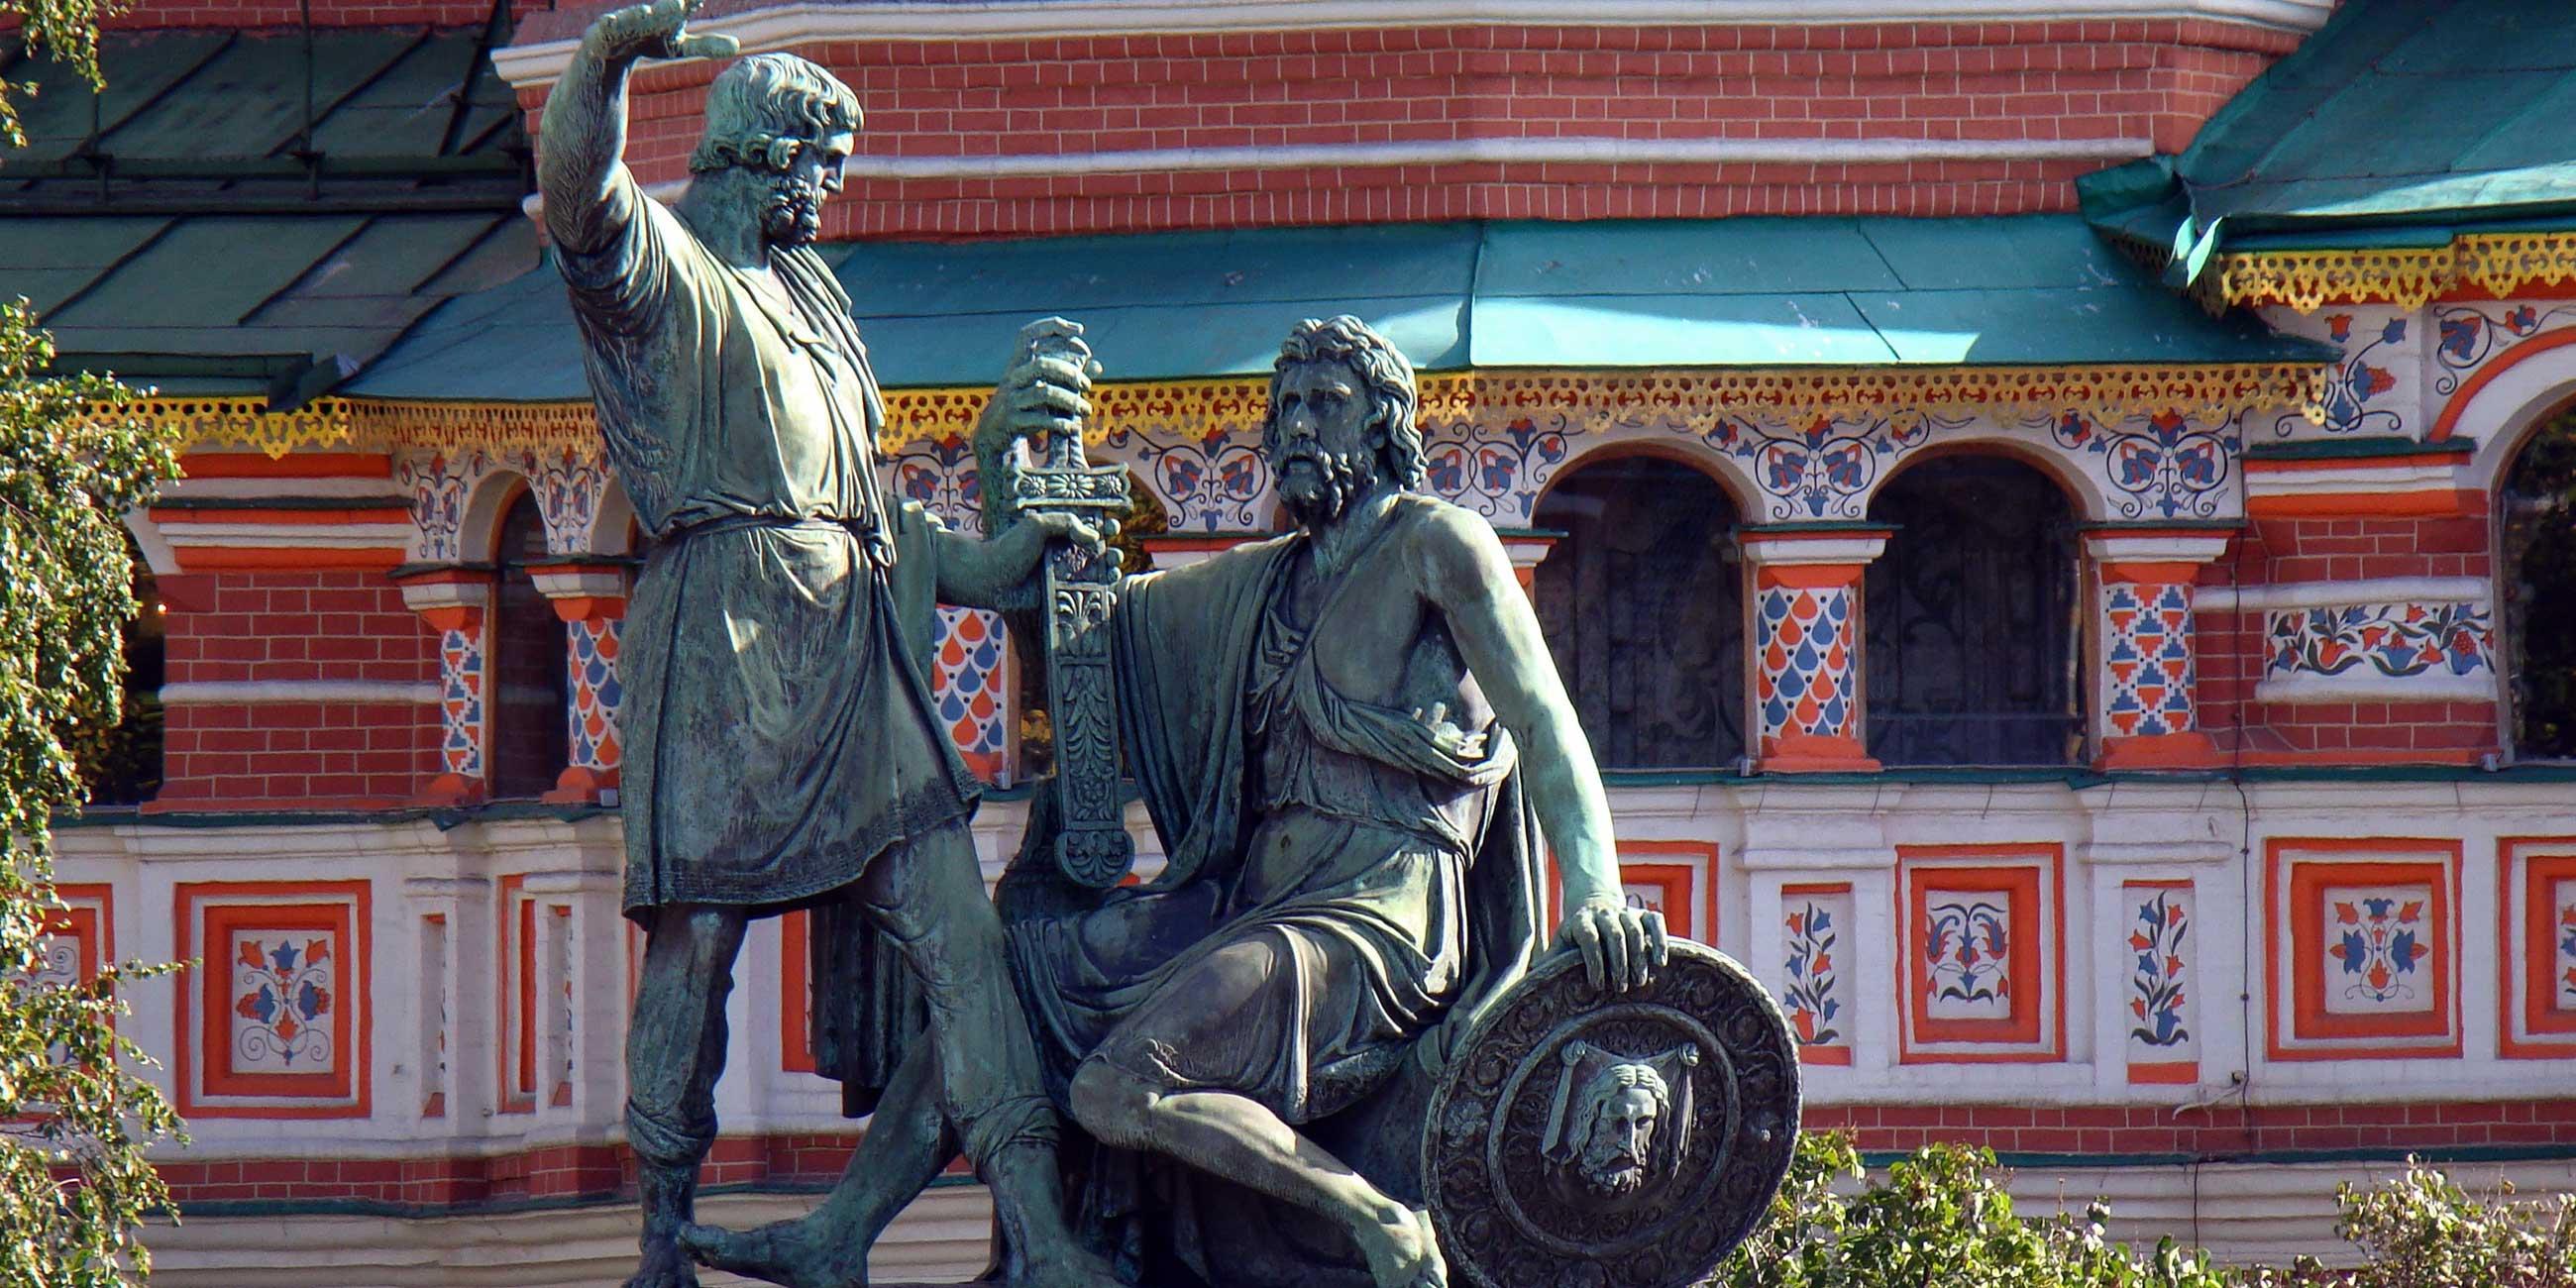 В 1818 году на Красной площади установили памятник Минину и Пожарскому, героям Отечественной войны 1812 года.Фото: pixabay.com